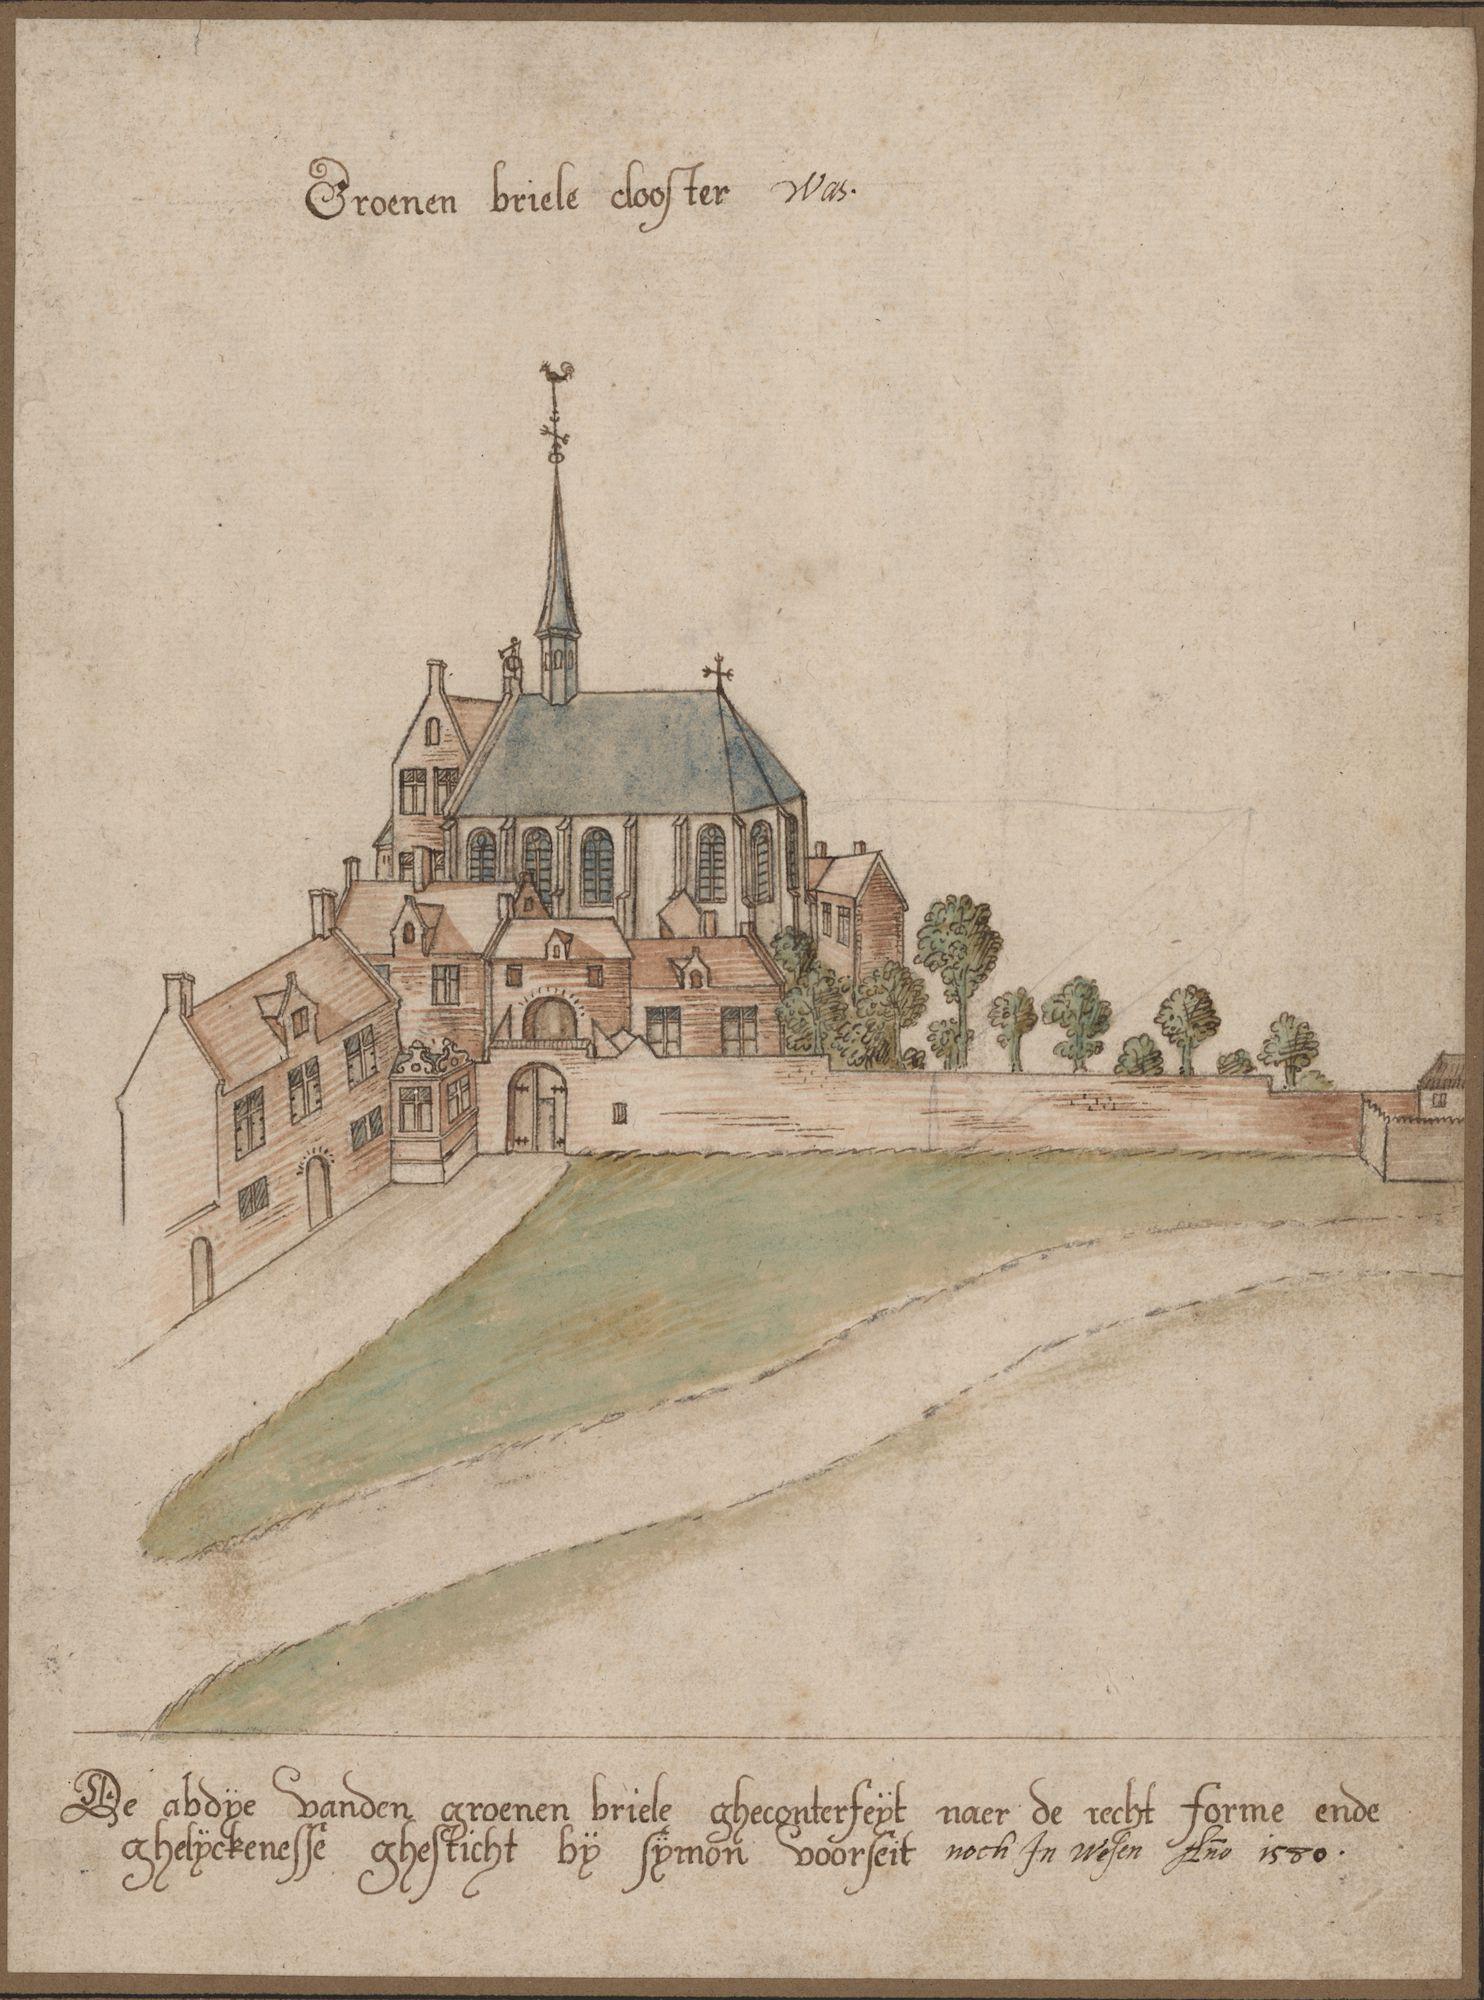 Gent: Groenebriel: Groenenbrielabdij, voor 1580